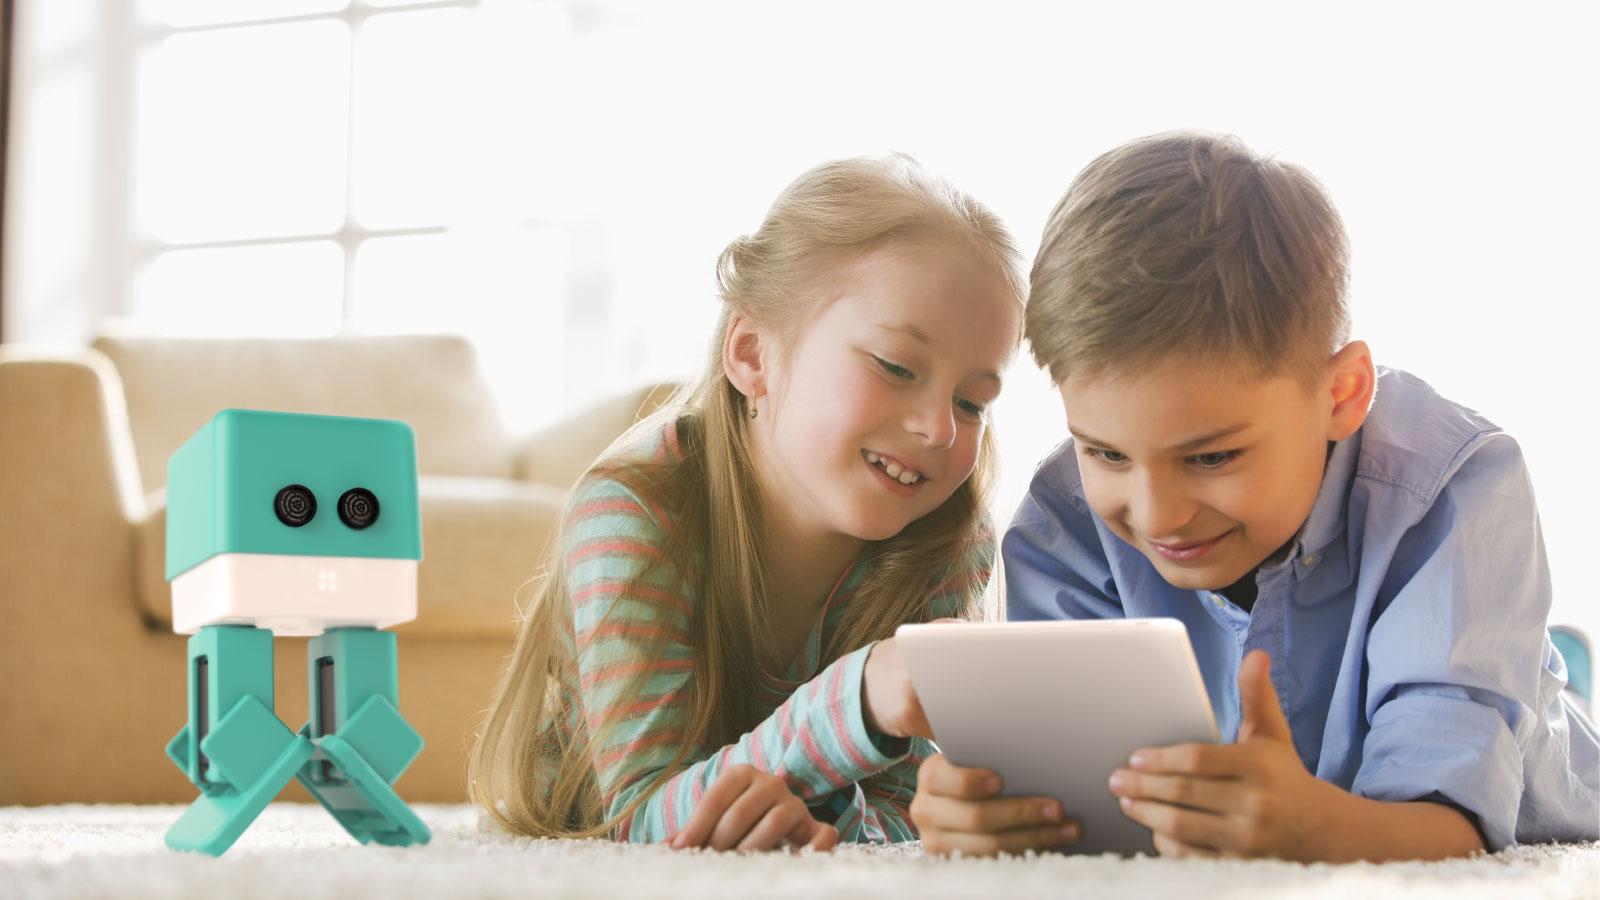 niños jugando con el robot zowi